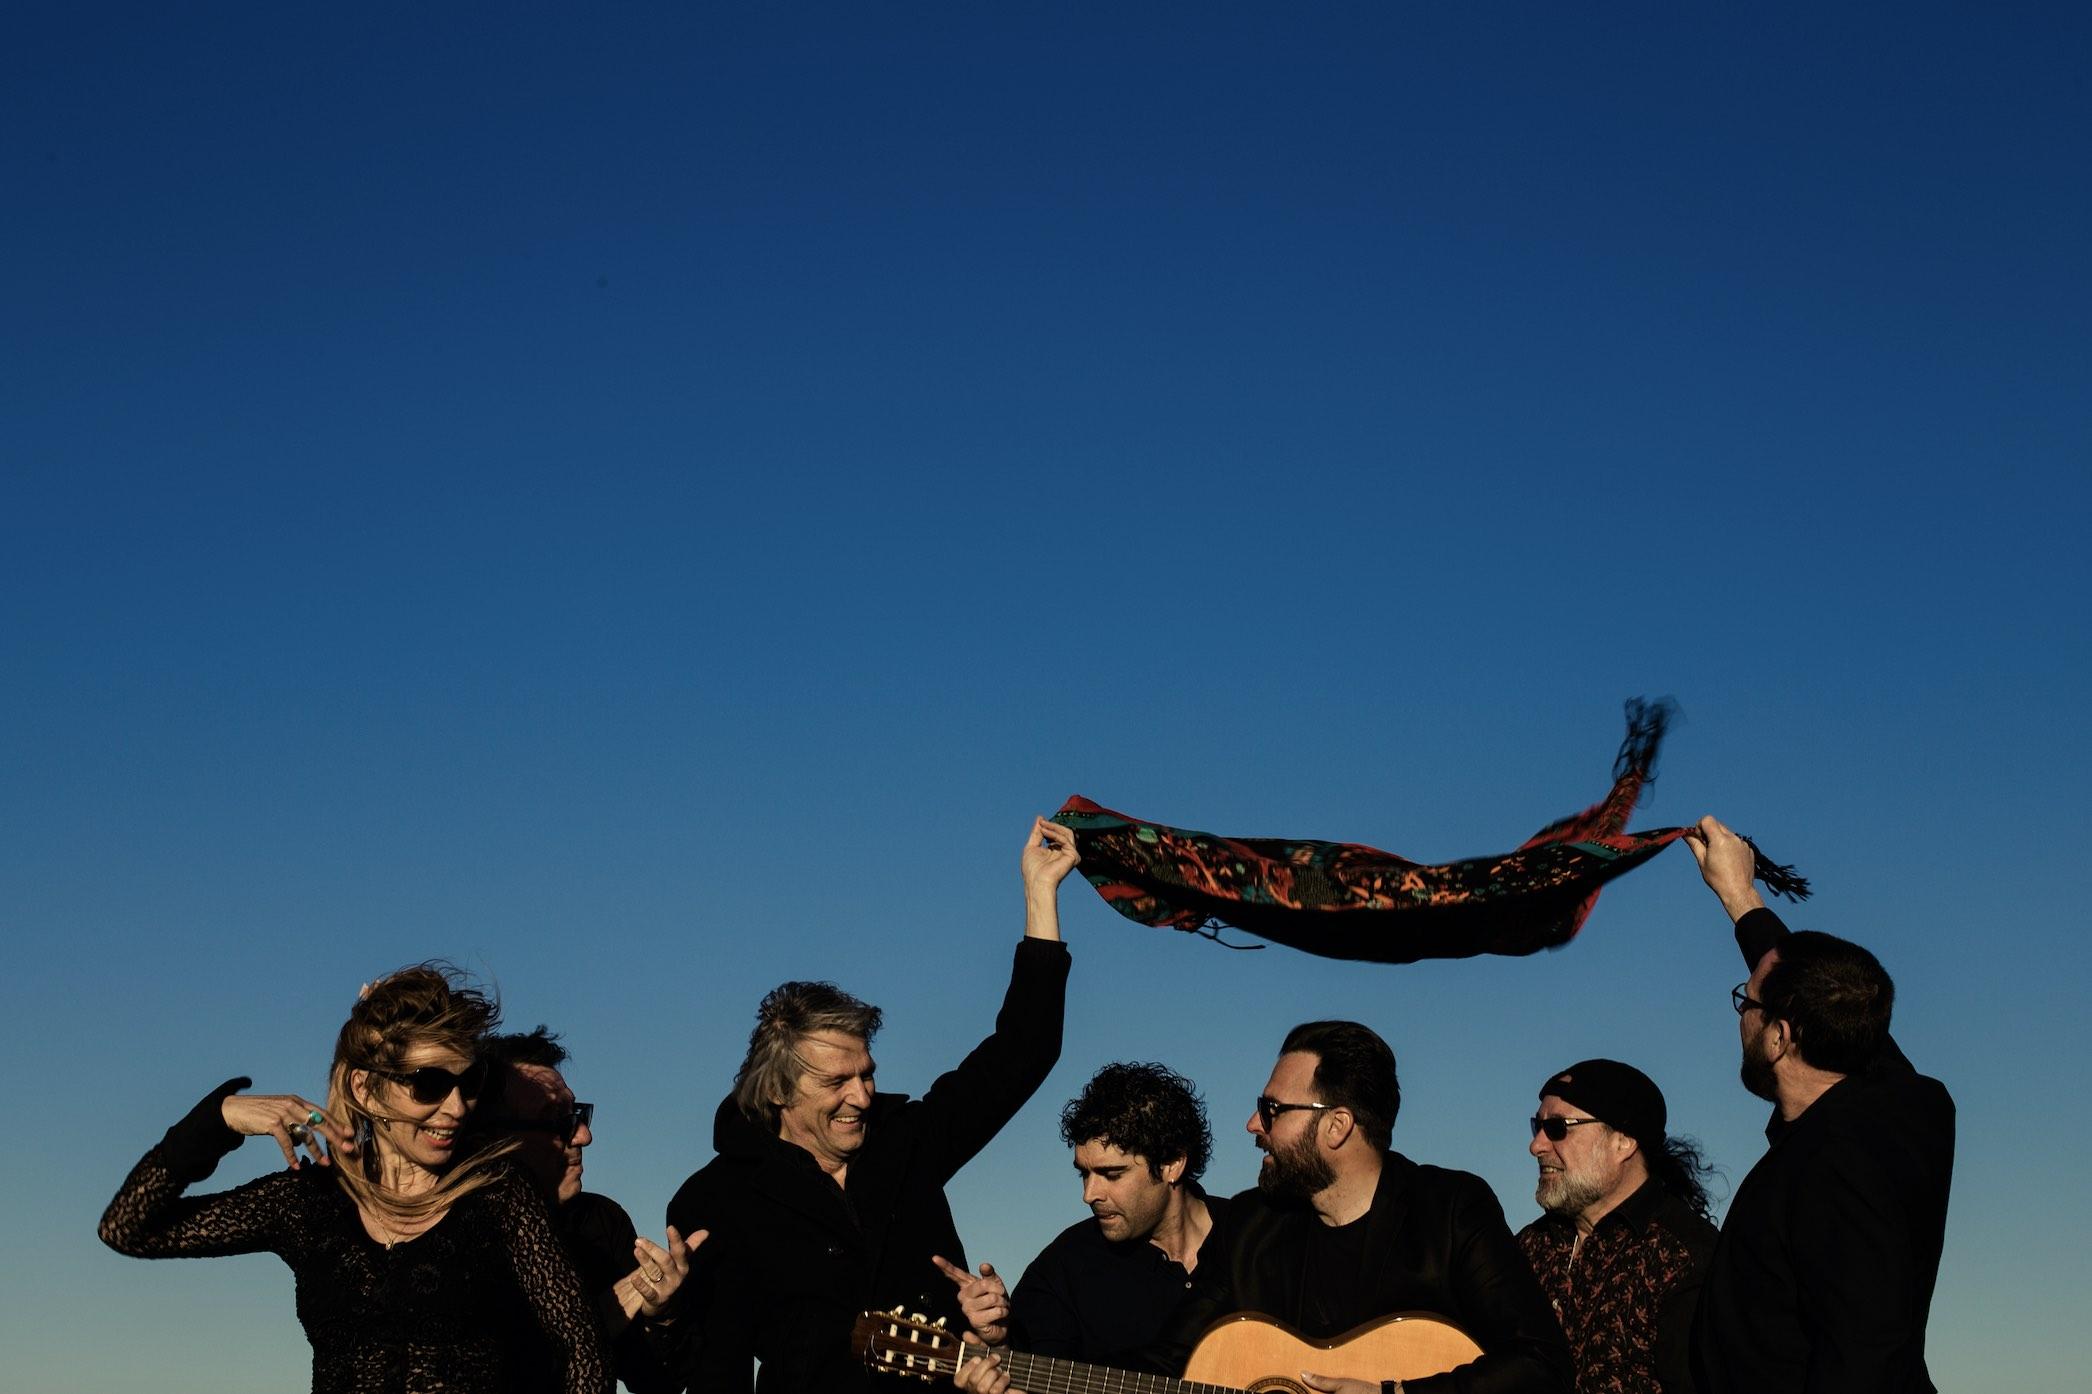 Yvan le Bolloc'h - Esperanza - Yvan le Bolloc'h et ma guitare